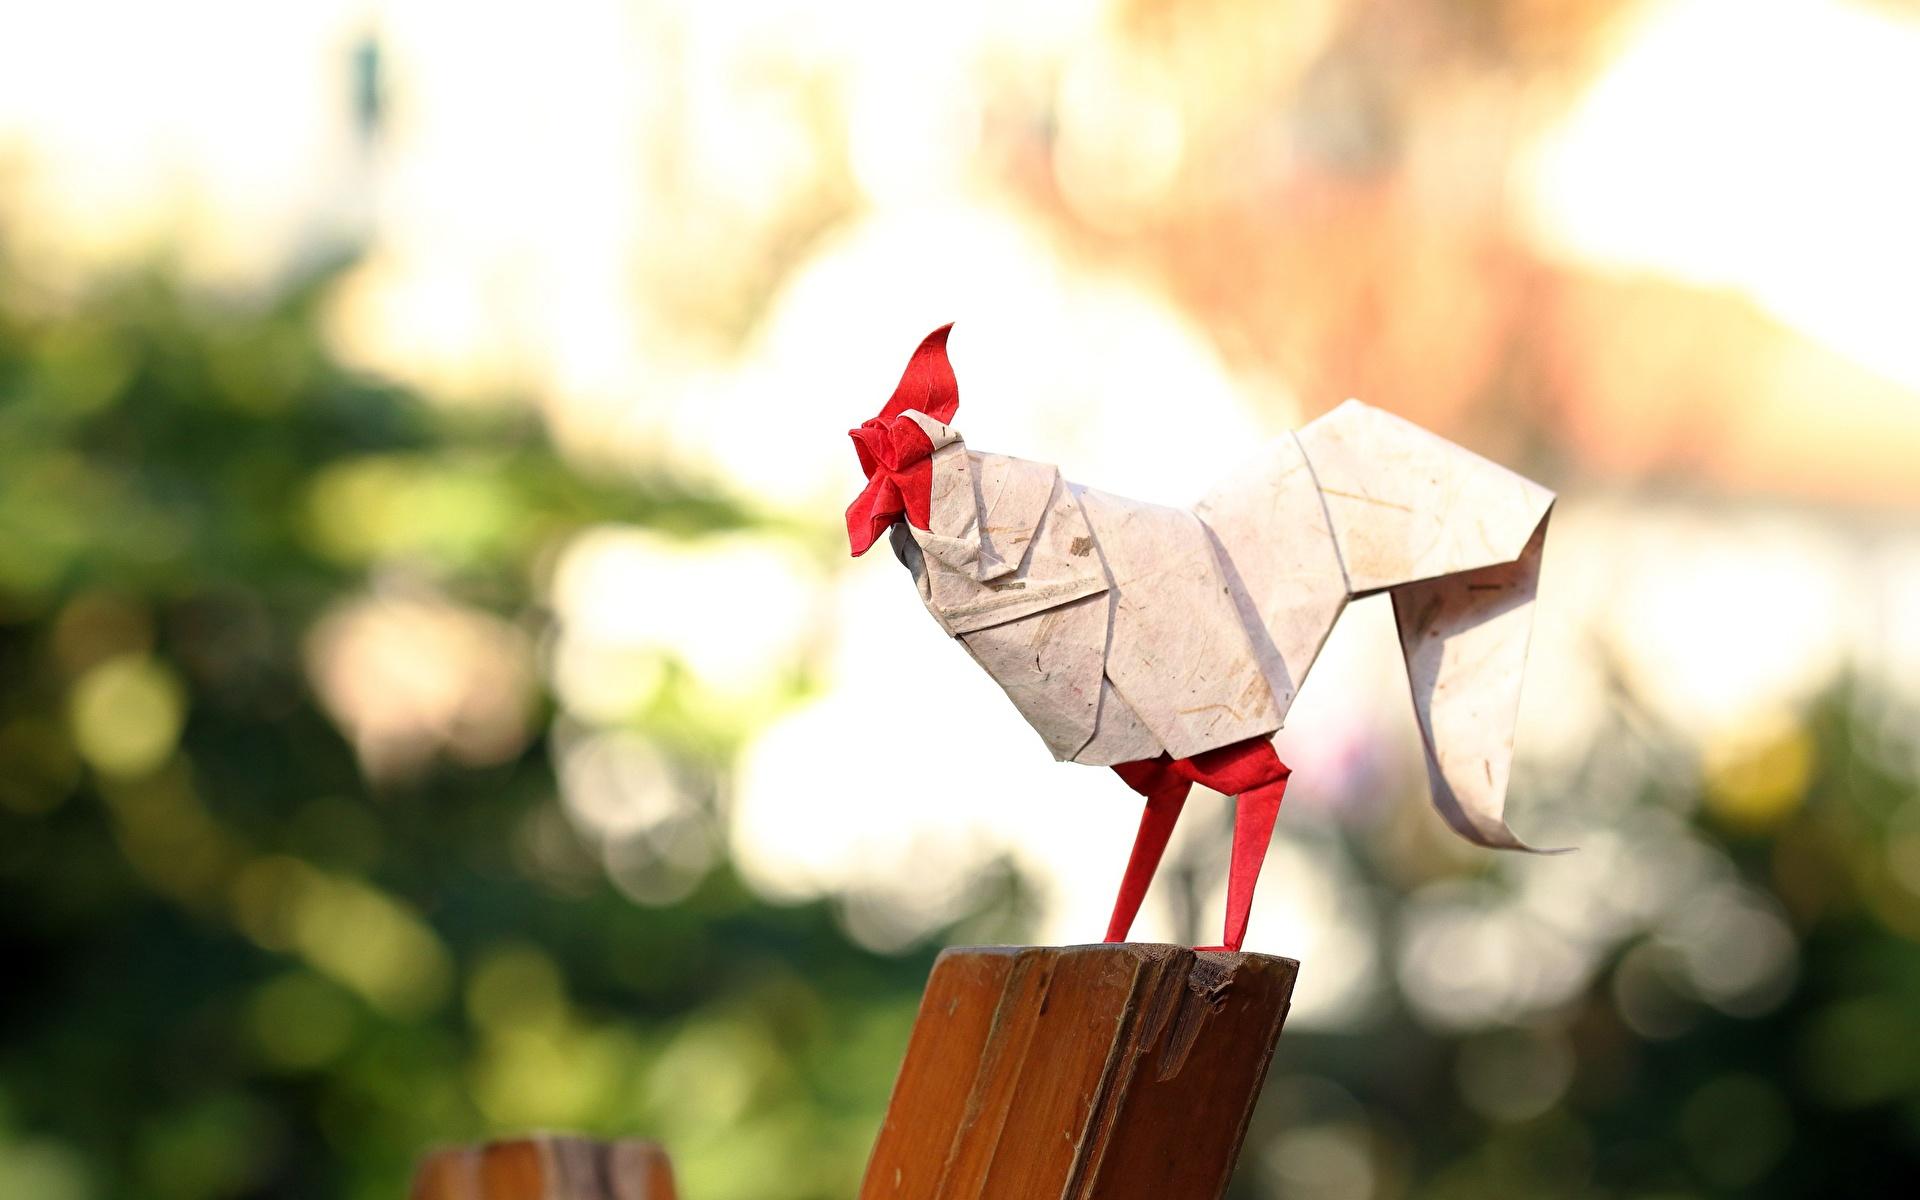 Обои для рабочего стола Петух Оригами бумаге Размытый фон 1920x1200 Бумага бумаги боке